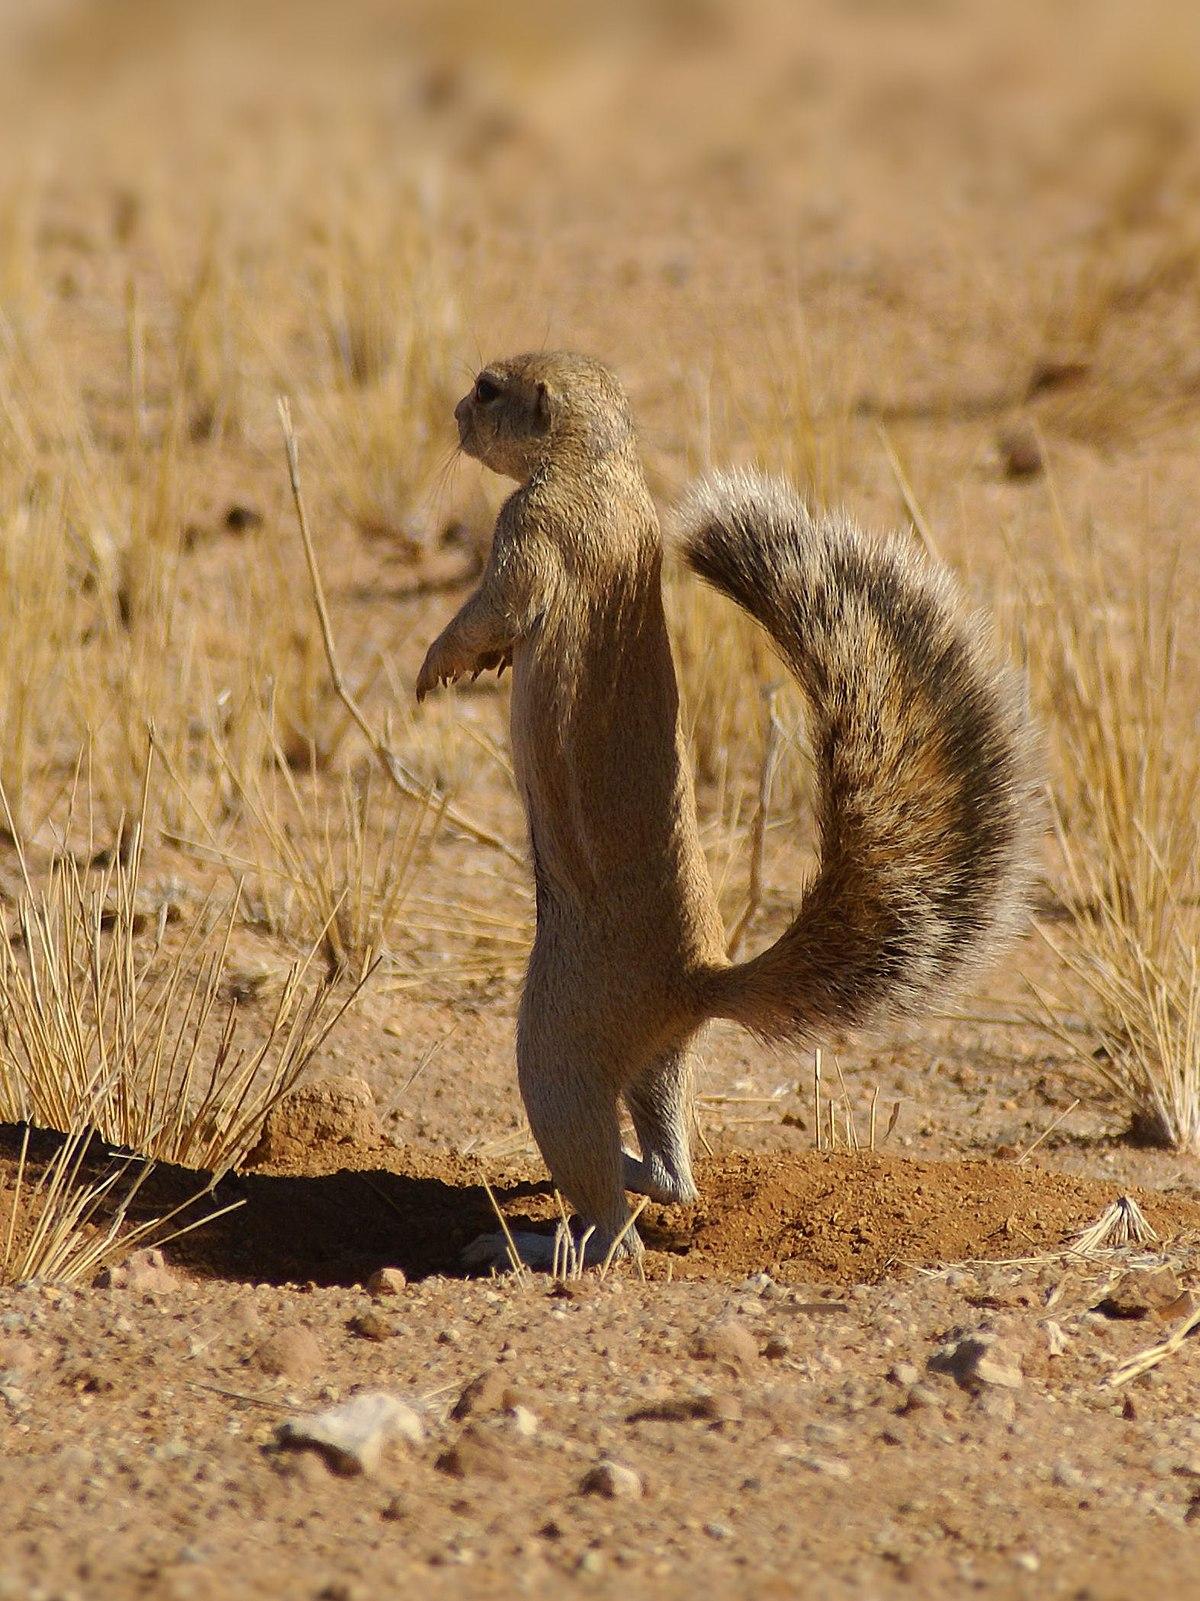 African ground squirrel - Wikipedia